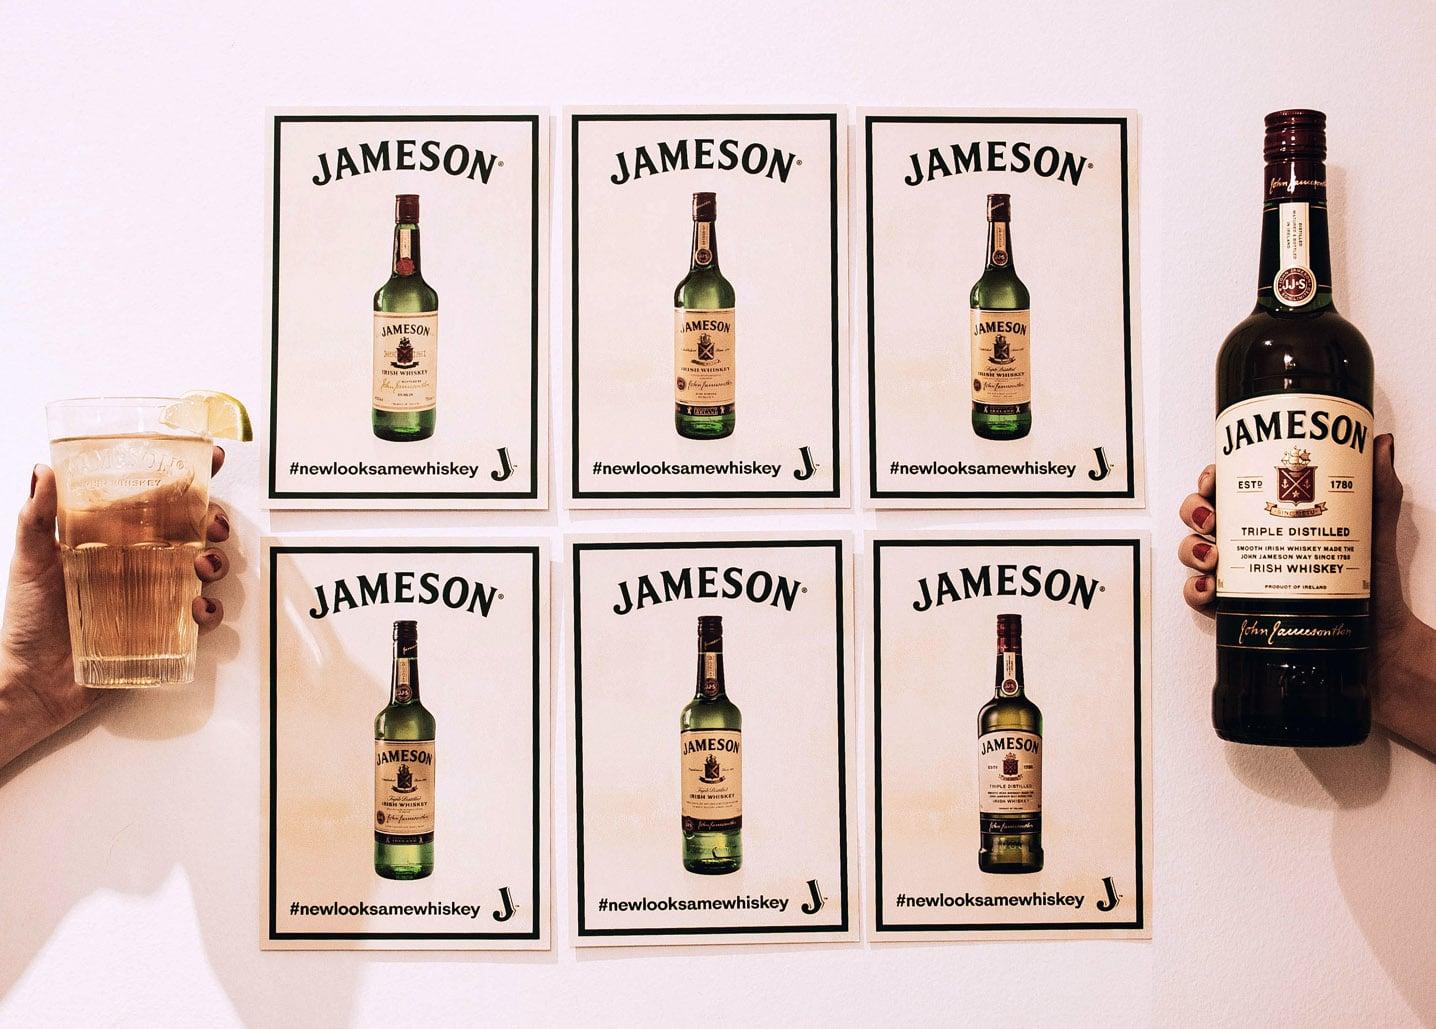 nueva botella de Jameson - Todo Whisky